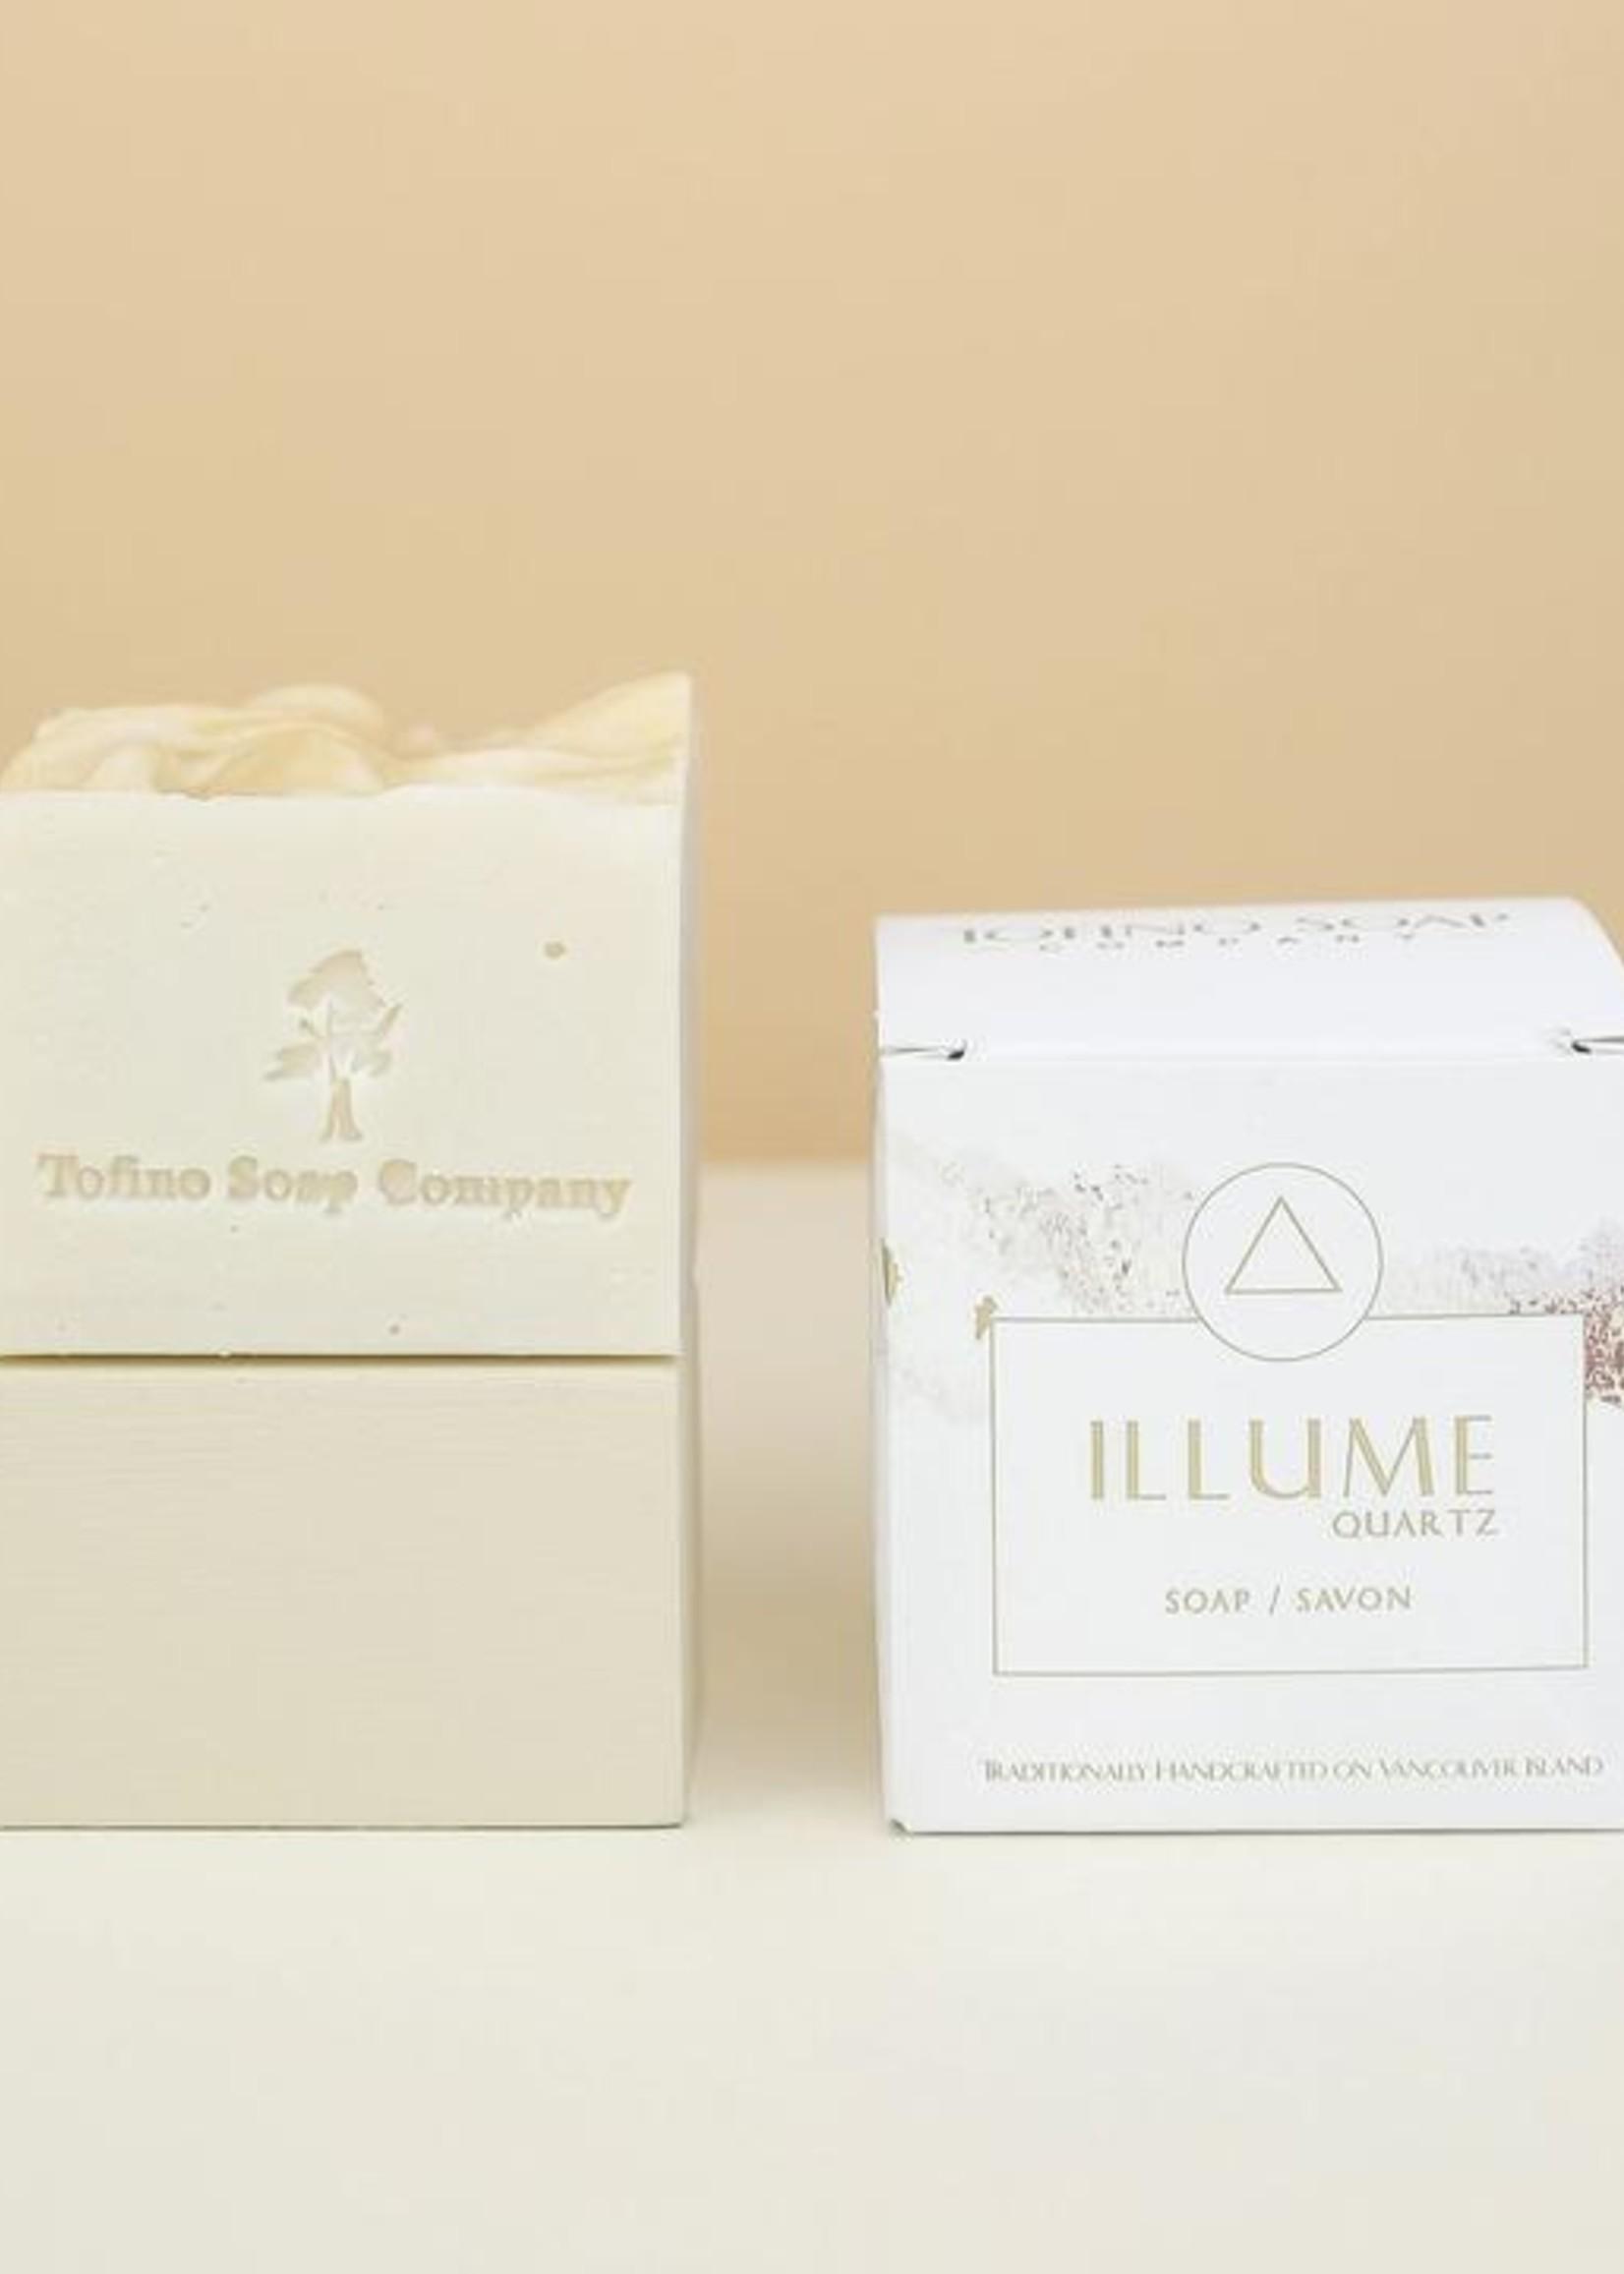 Tofino Soap Company Tofino Soap Company - Illume Soap